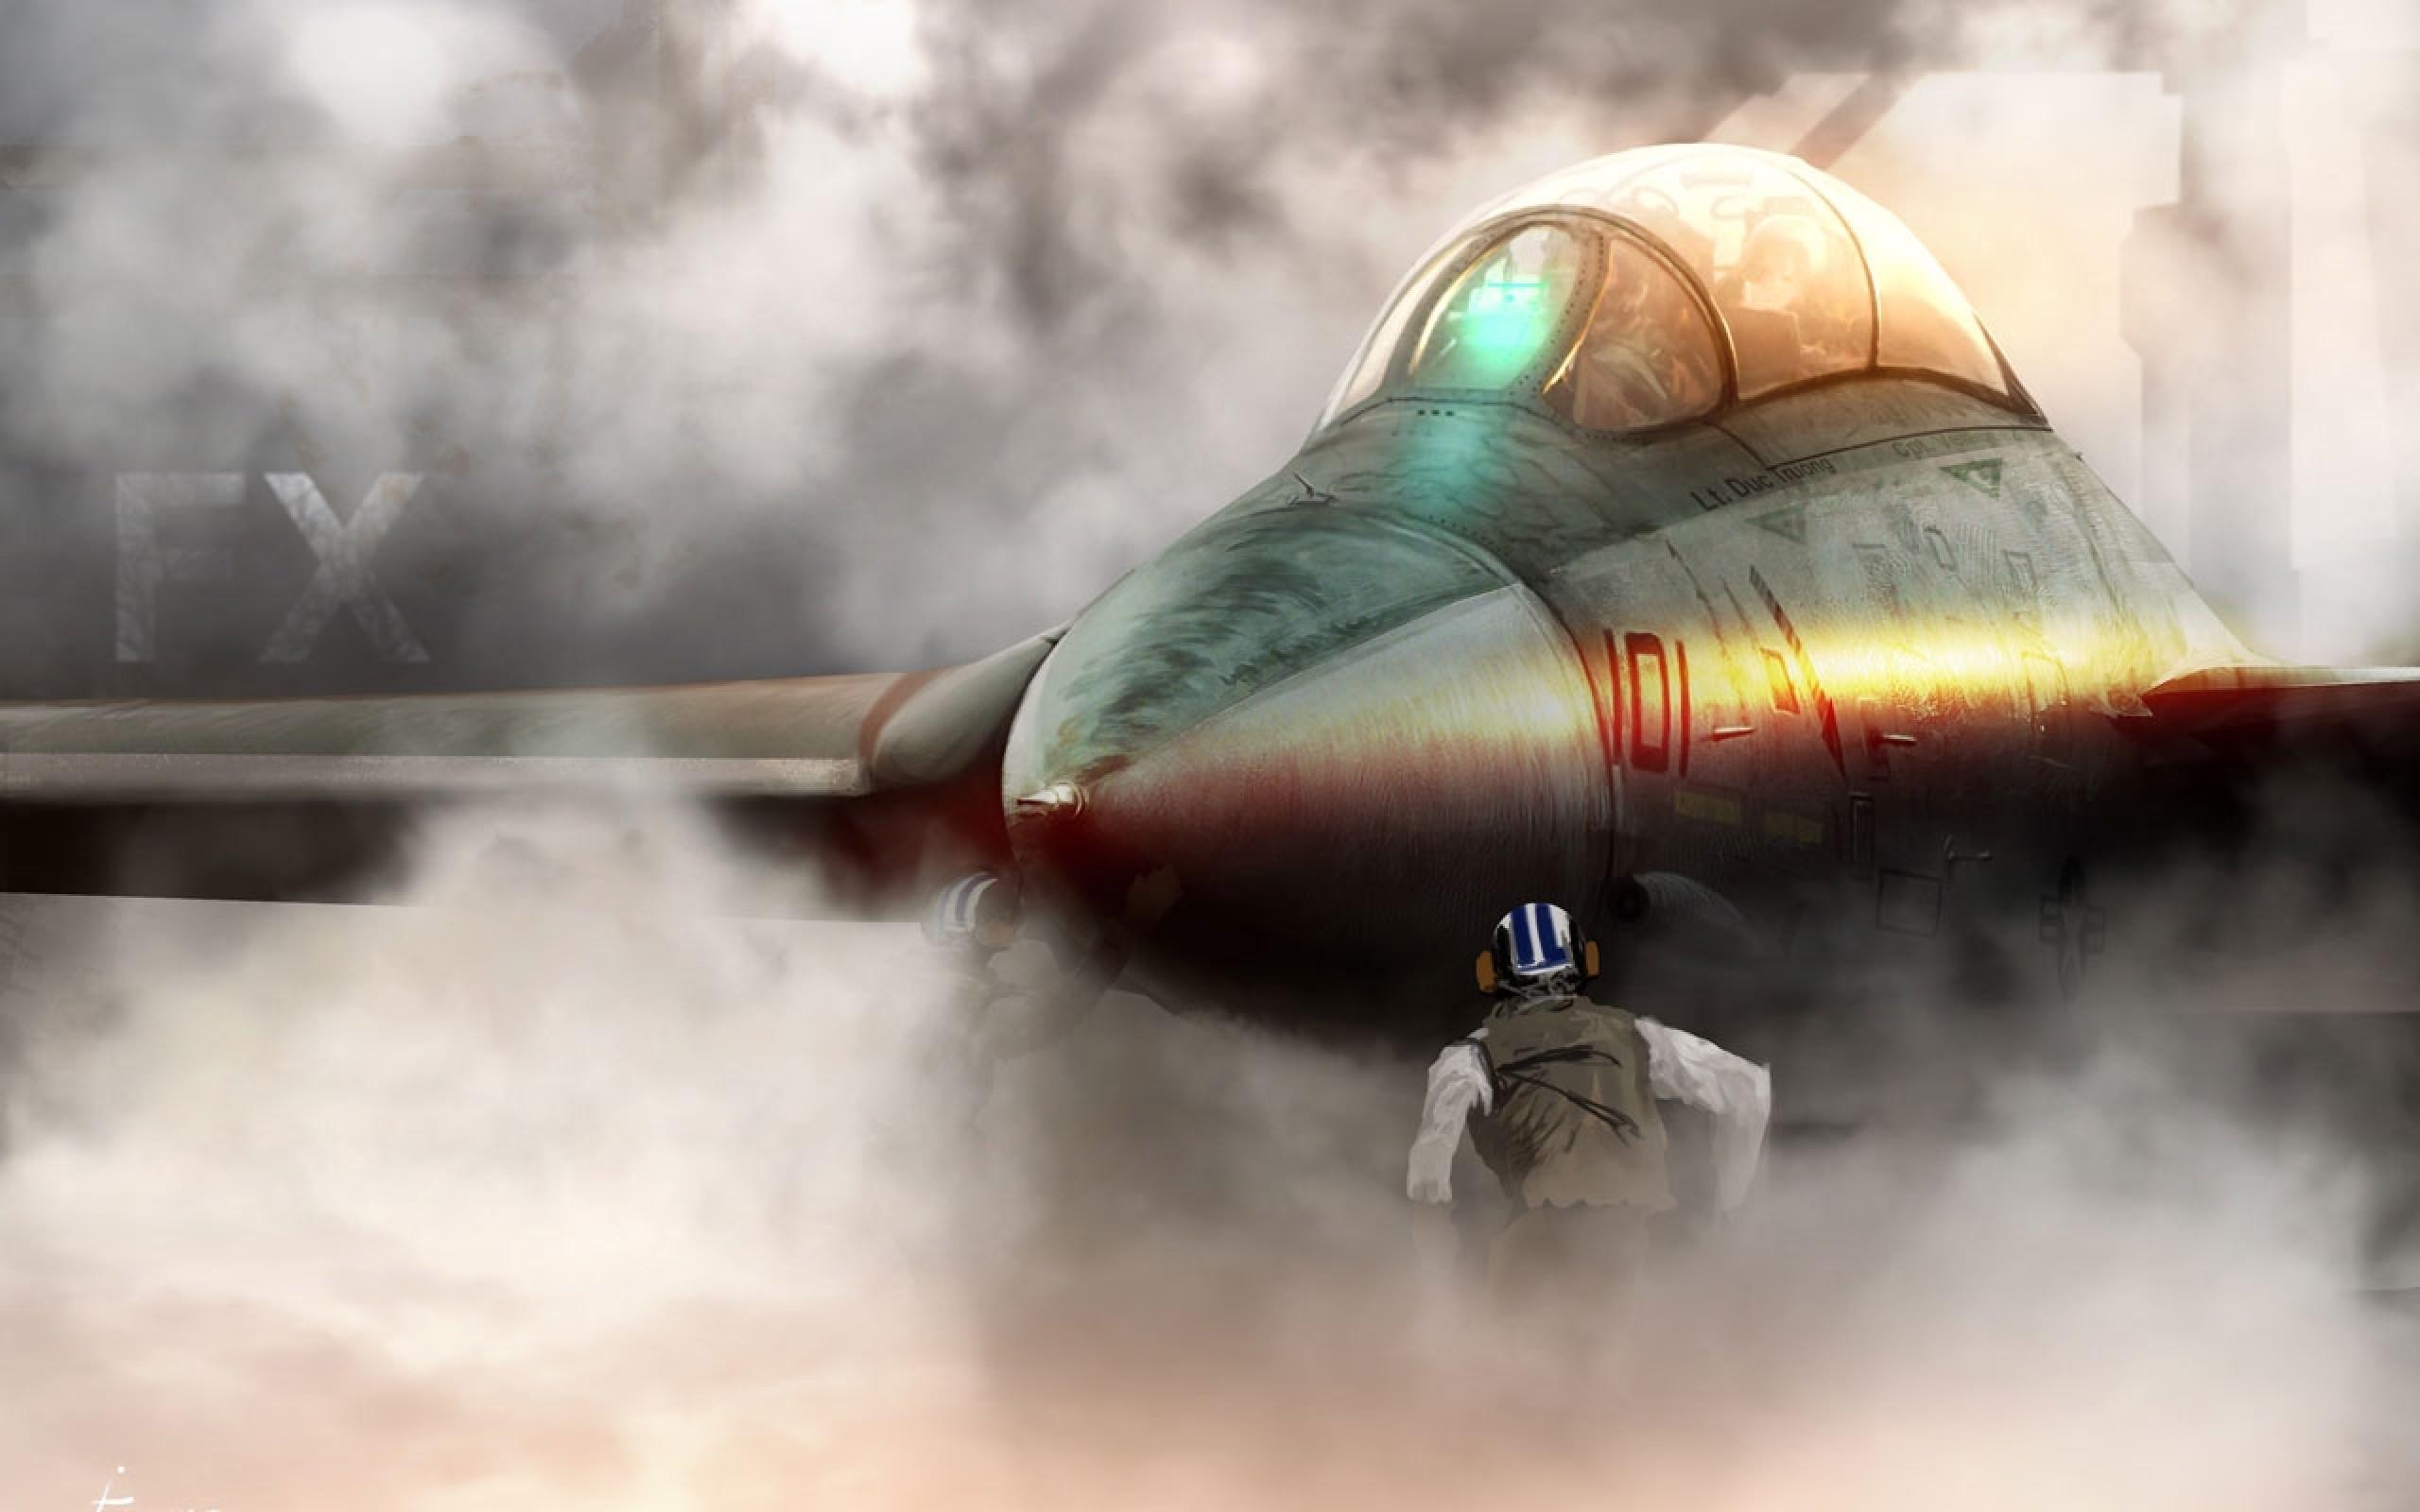 F-14 Tomcat. Best looking fighter plane ever. #EGIIS #SelfieMonopod